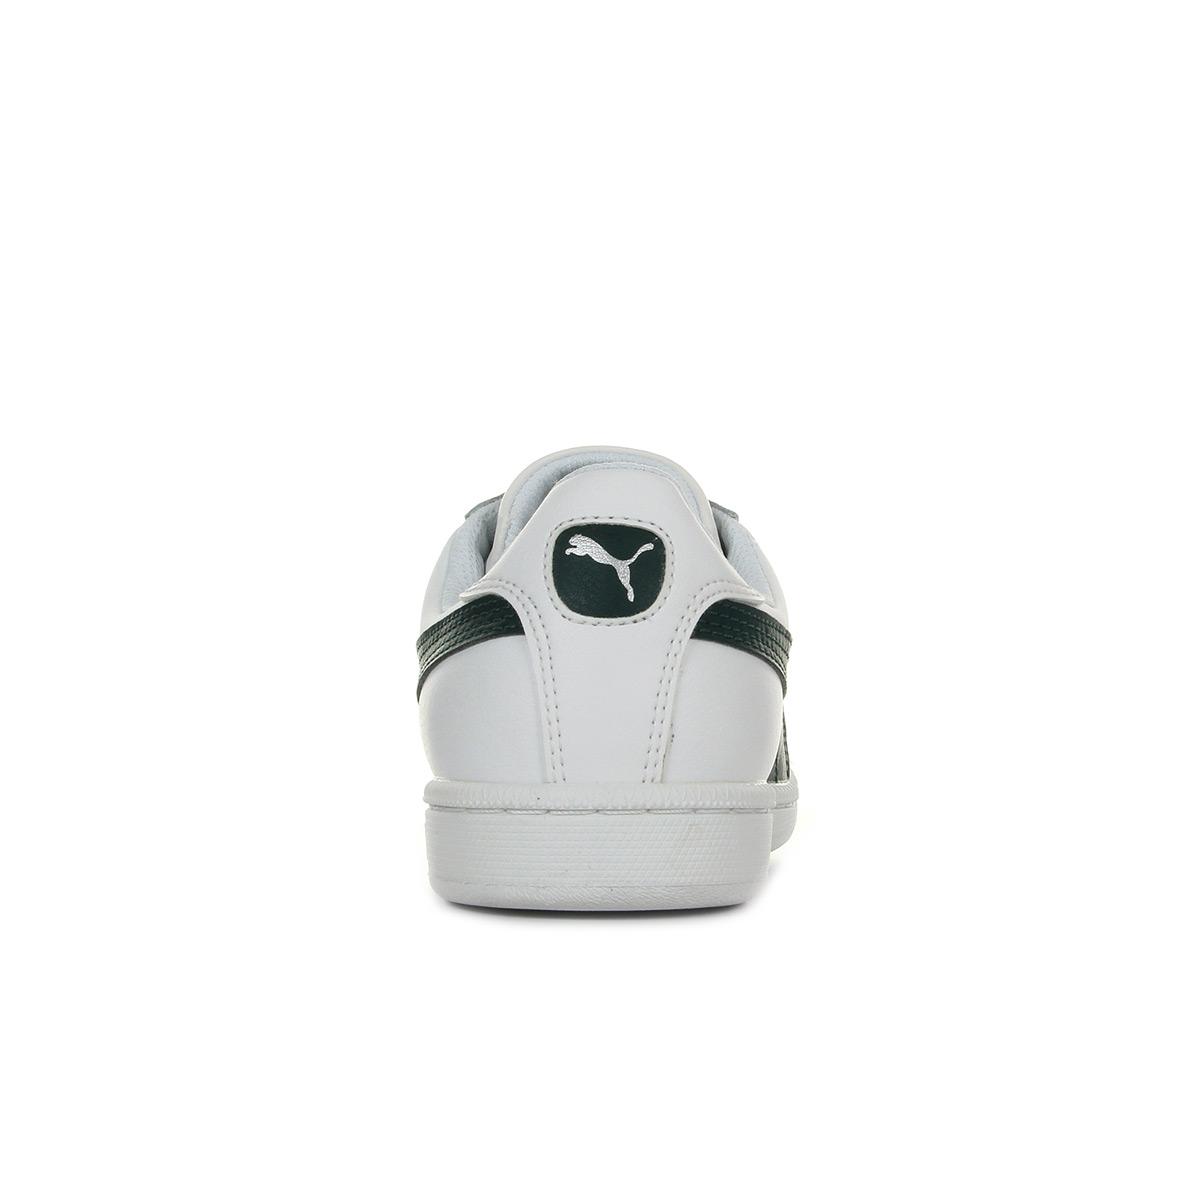 Puma Puma Smash L 35672219, Baskets mode homme